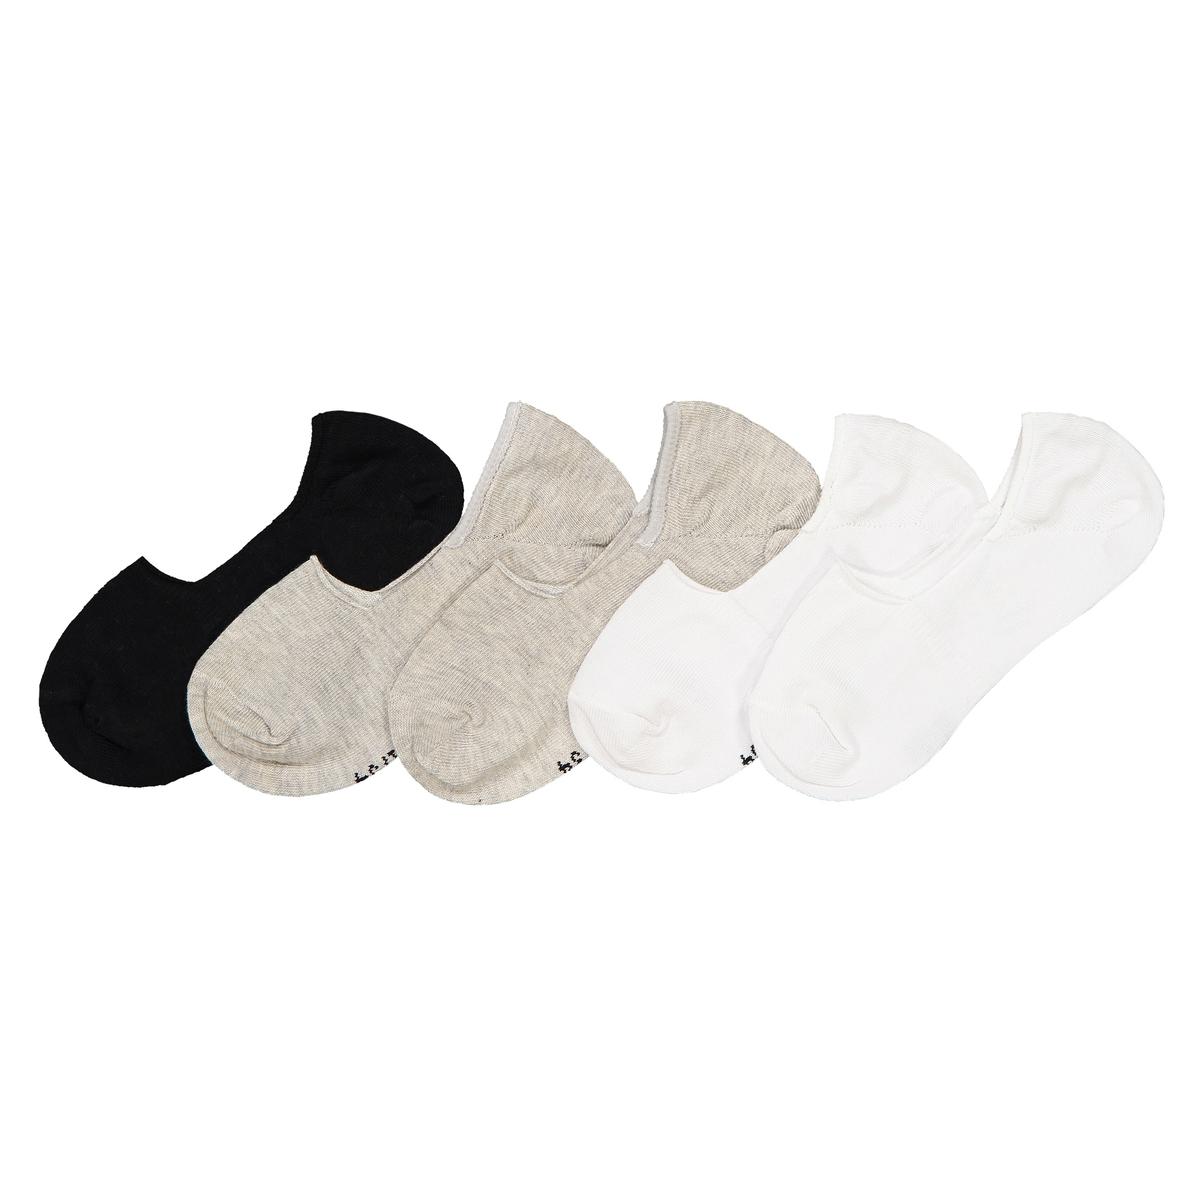 Комплект из пар коротких La Redoute Носков размеры - 31/34 серый комплект из пар носков la redoute размеры 23 26 черный